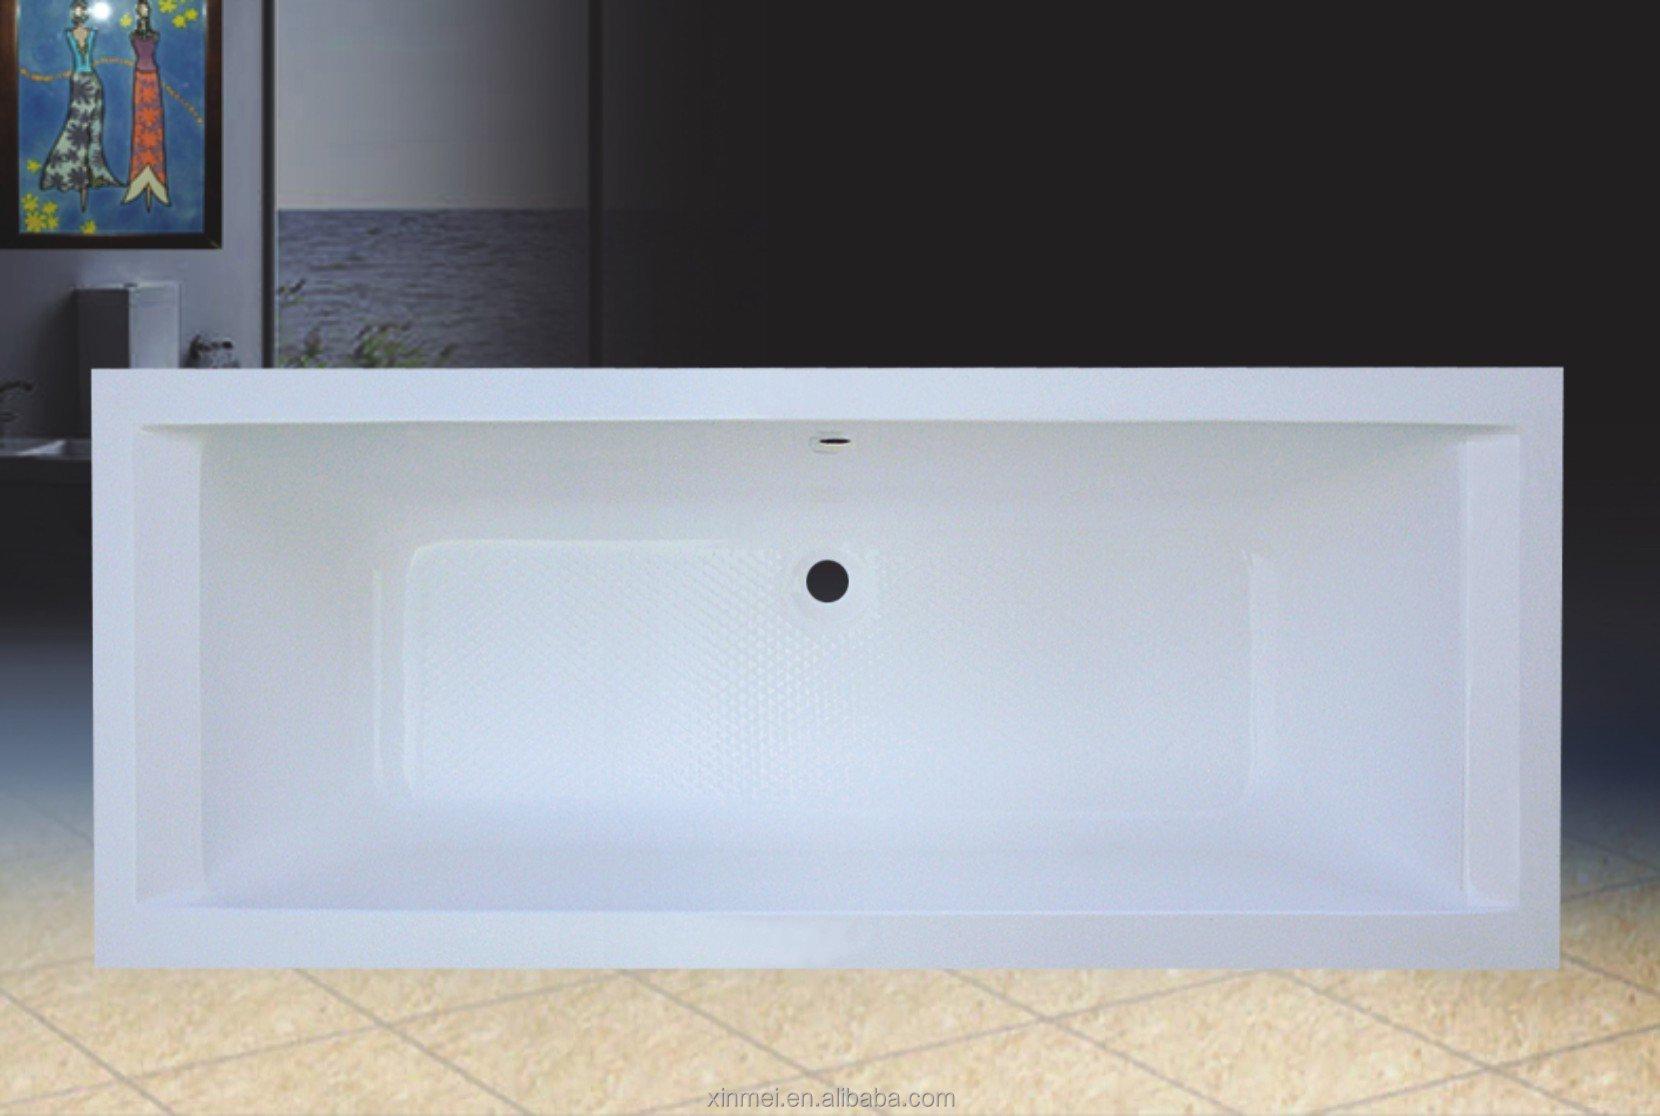 Big Size Whirlpool Shower Tub Hot Tub 12 Person Tubs